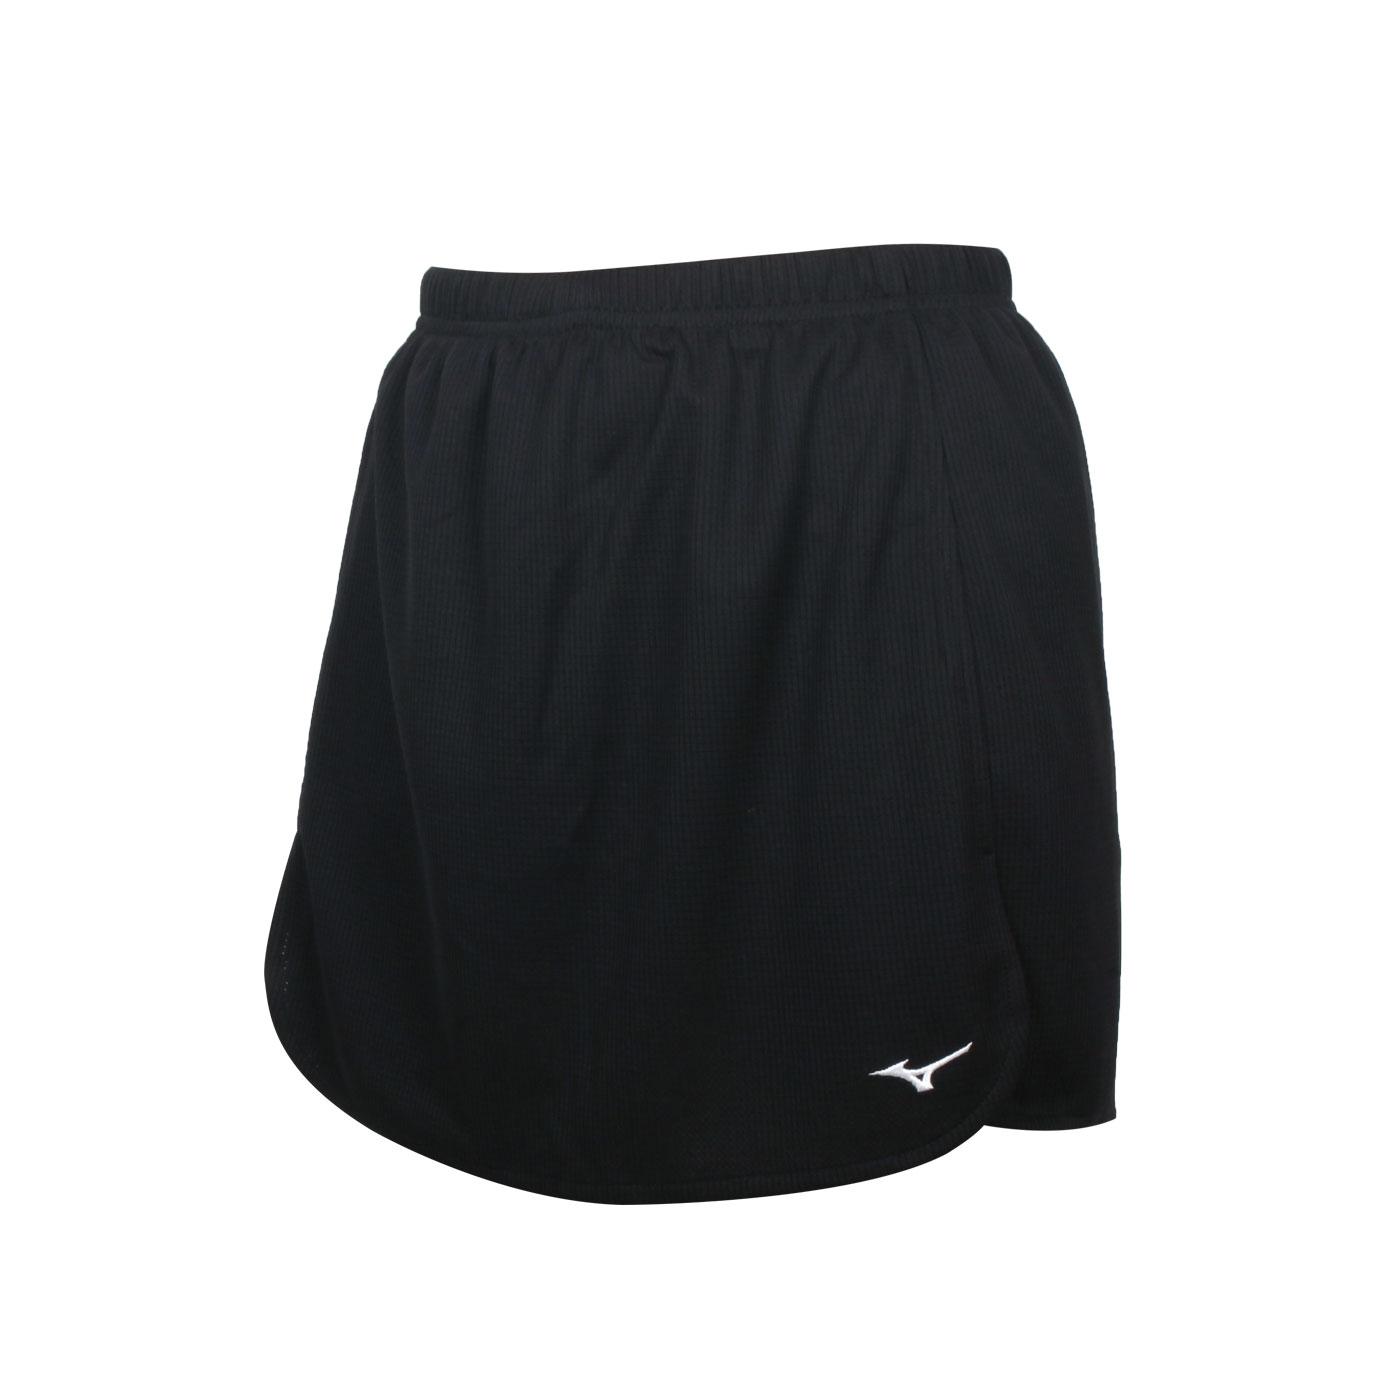 MIZUNO 女款羽球短裙 72TB1C0109